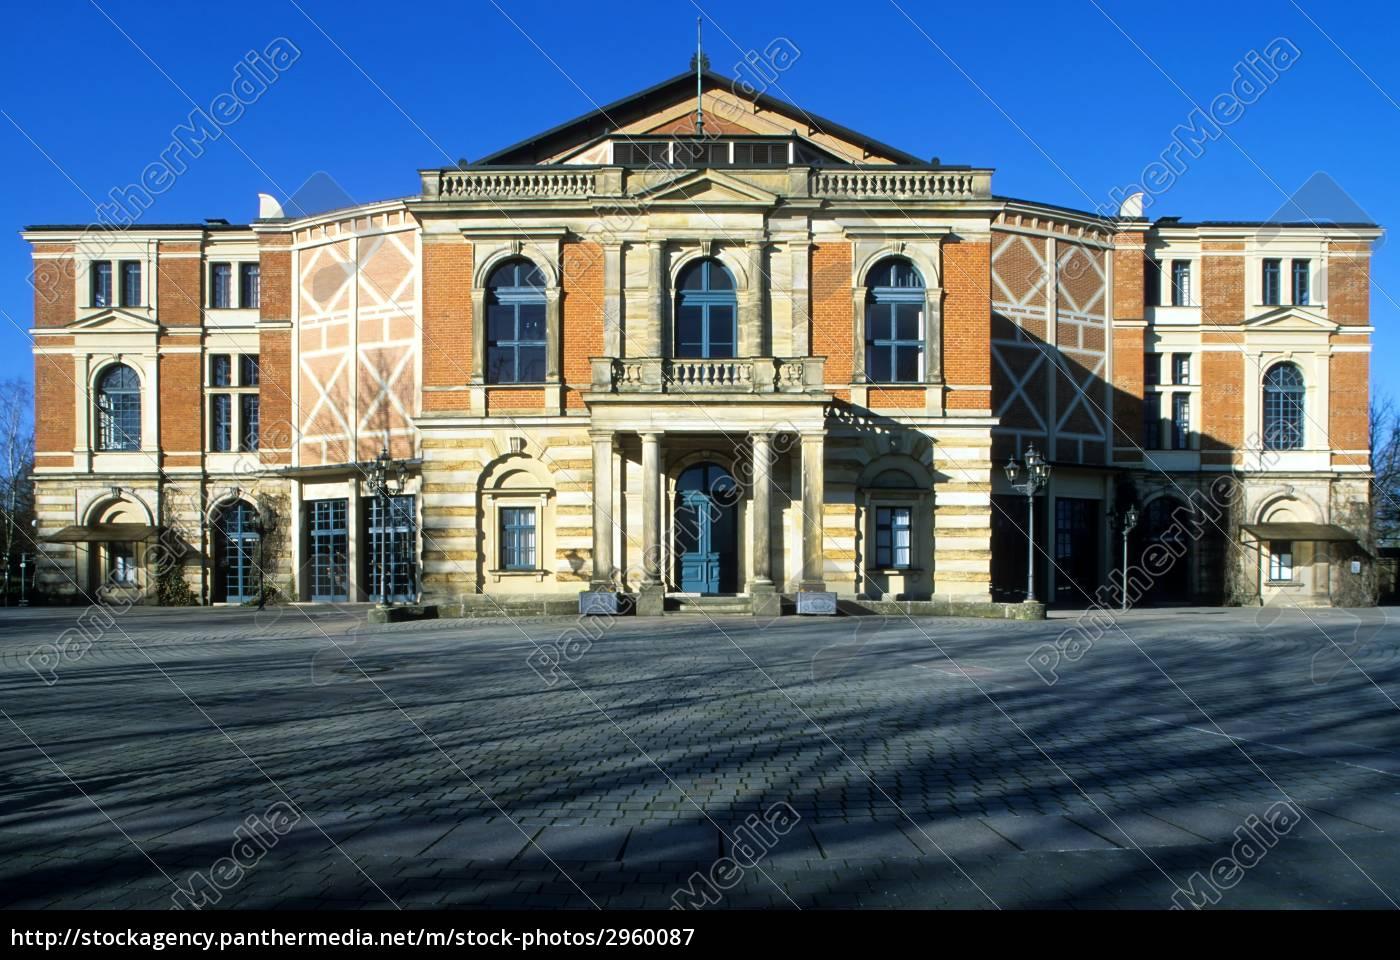 festspielhaus, in, bayreuth - 2960087